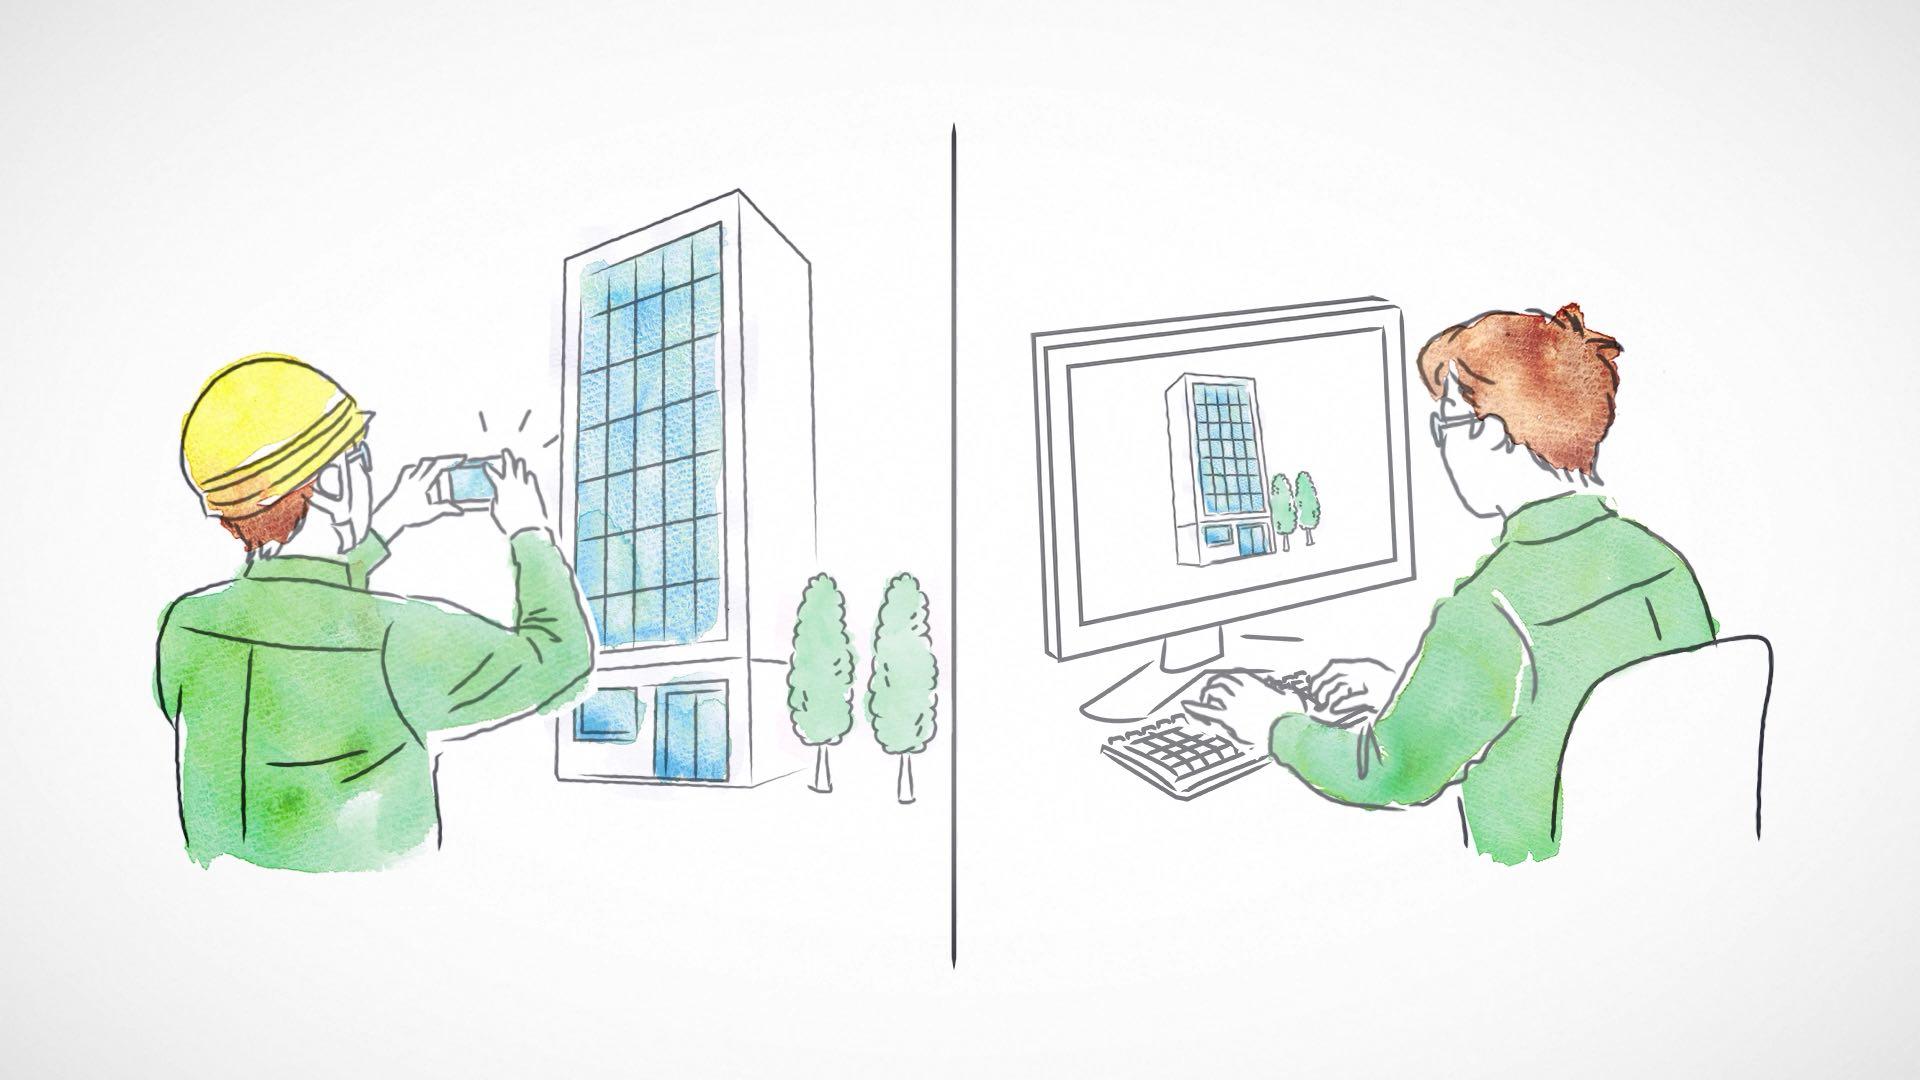 現場業務と管理業務